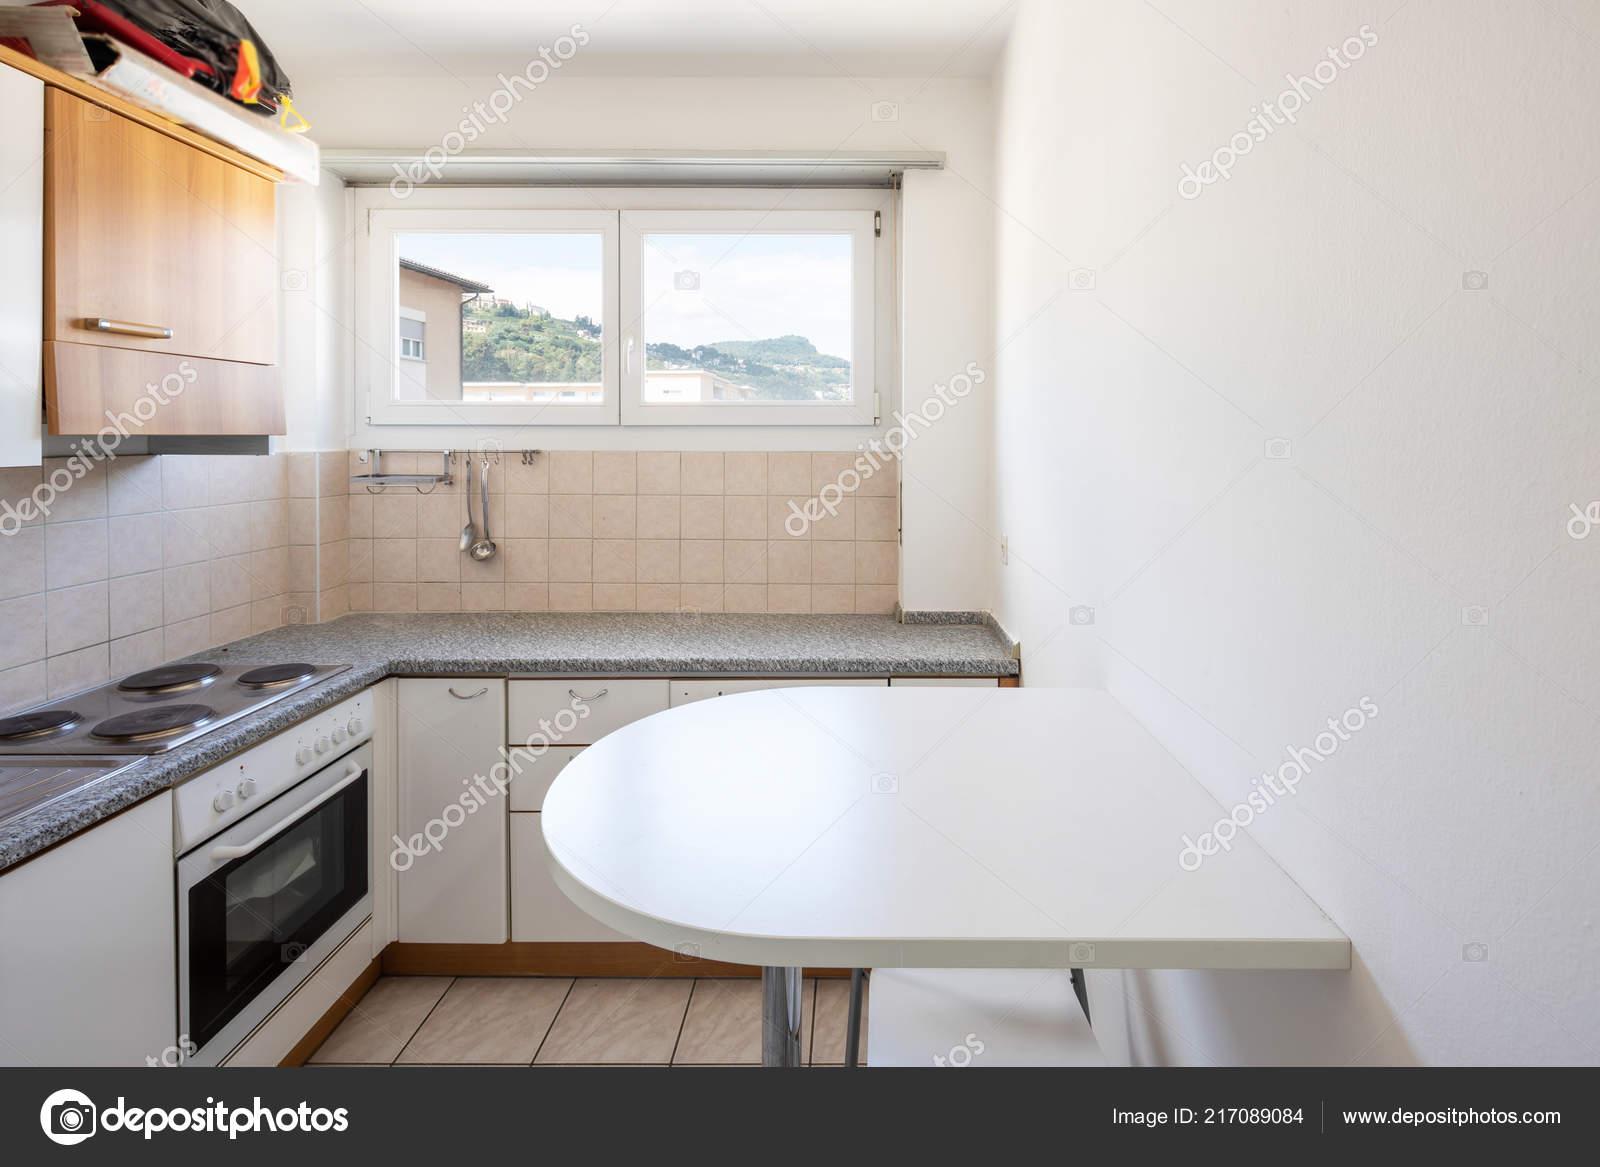 Cucina dell annata con sgabelli finestra sulle colline nessuno all